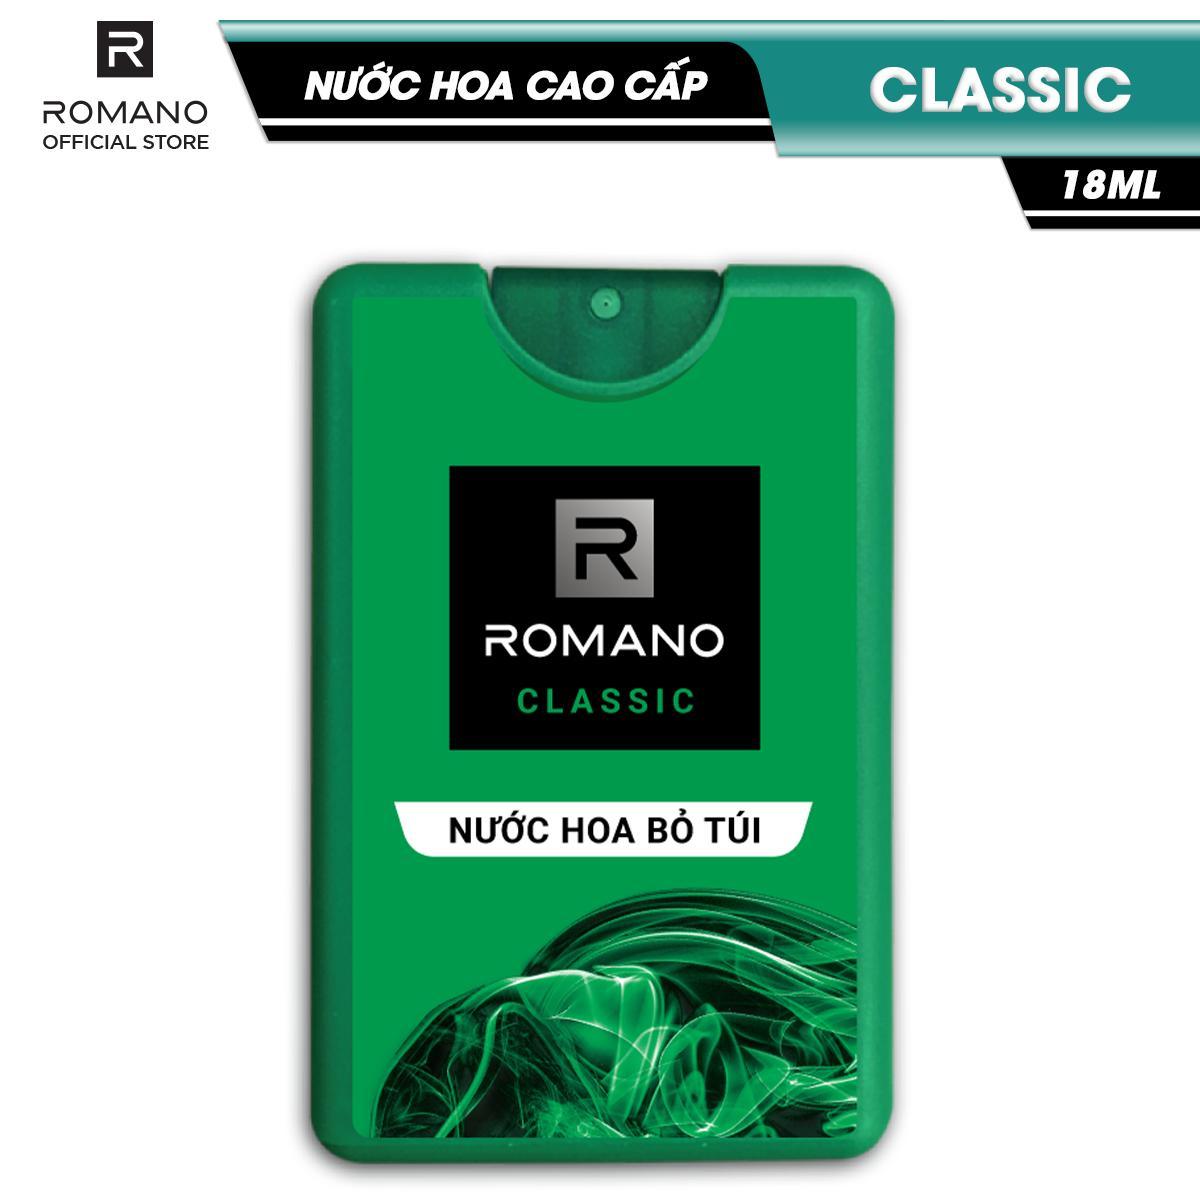 Nước hoa bỏ túi Romano Classic cổ điển lịch lãm 18ml